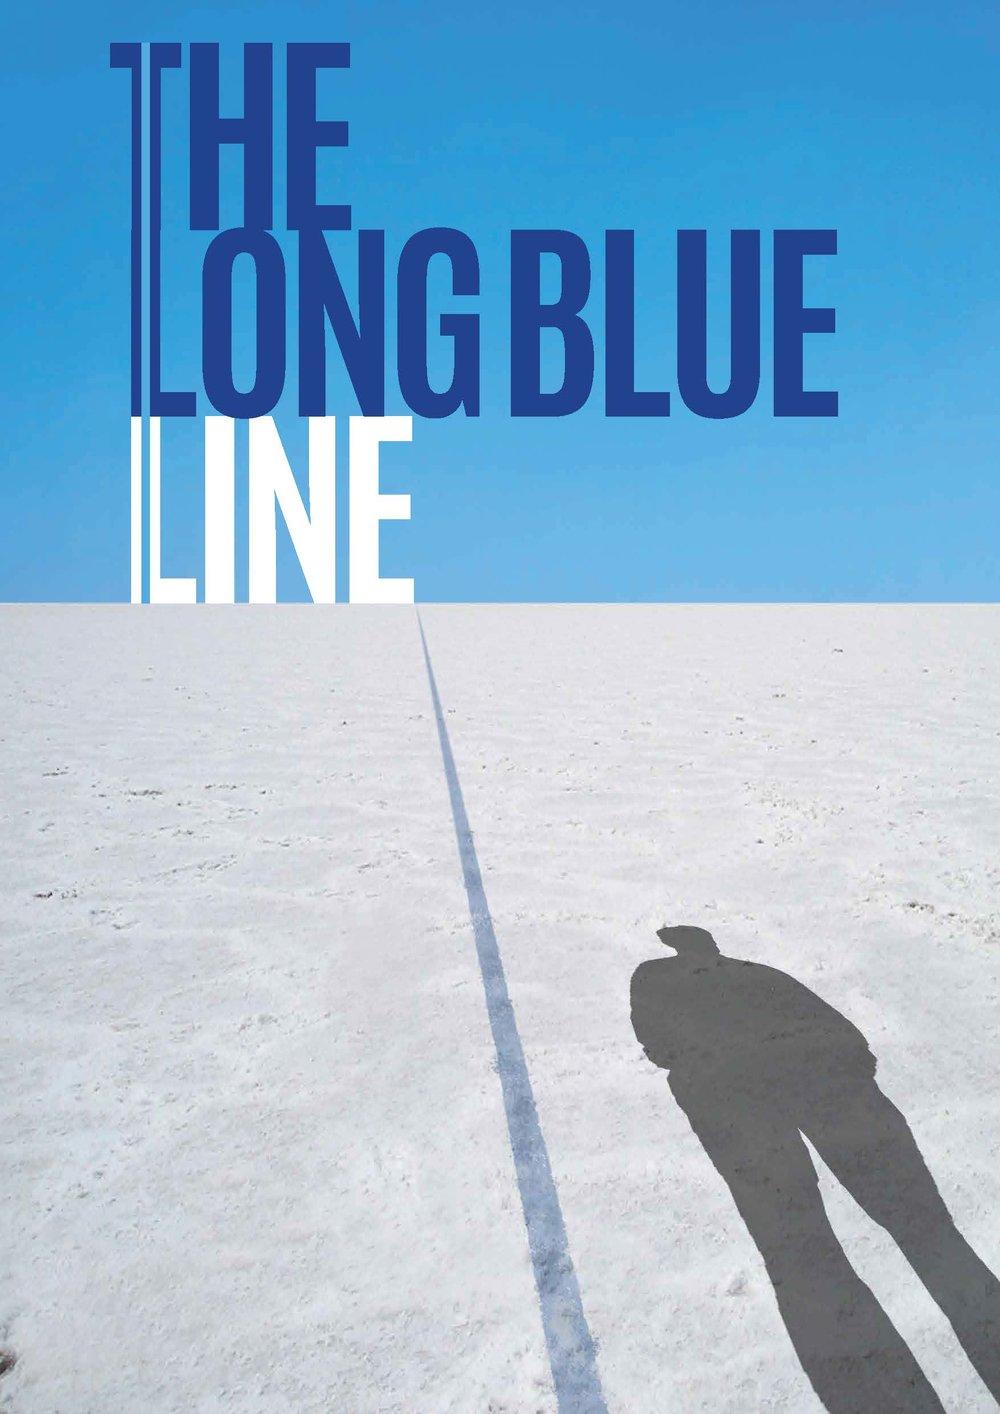 Movie poster proposal by Gavin van Langenberg